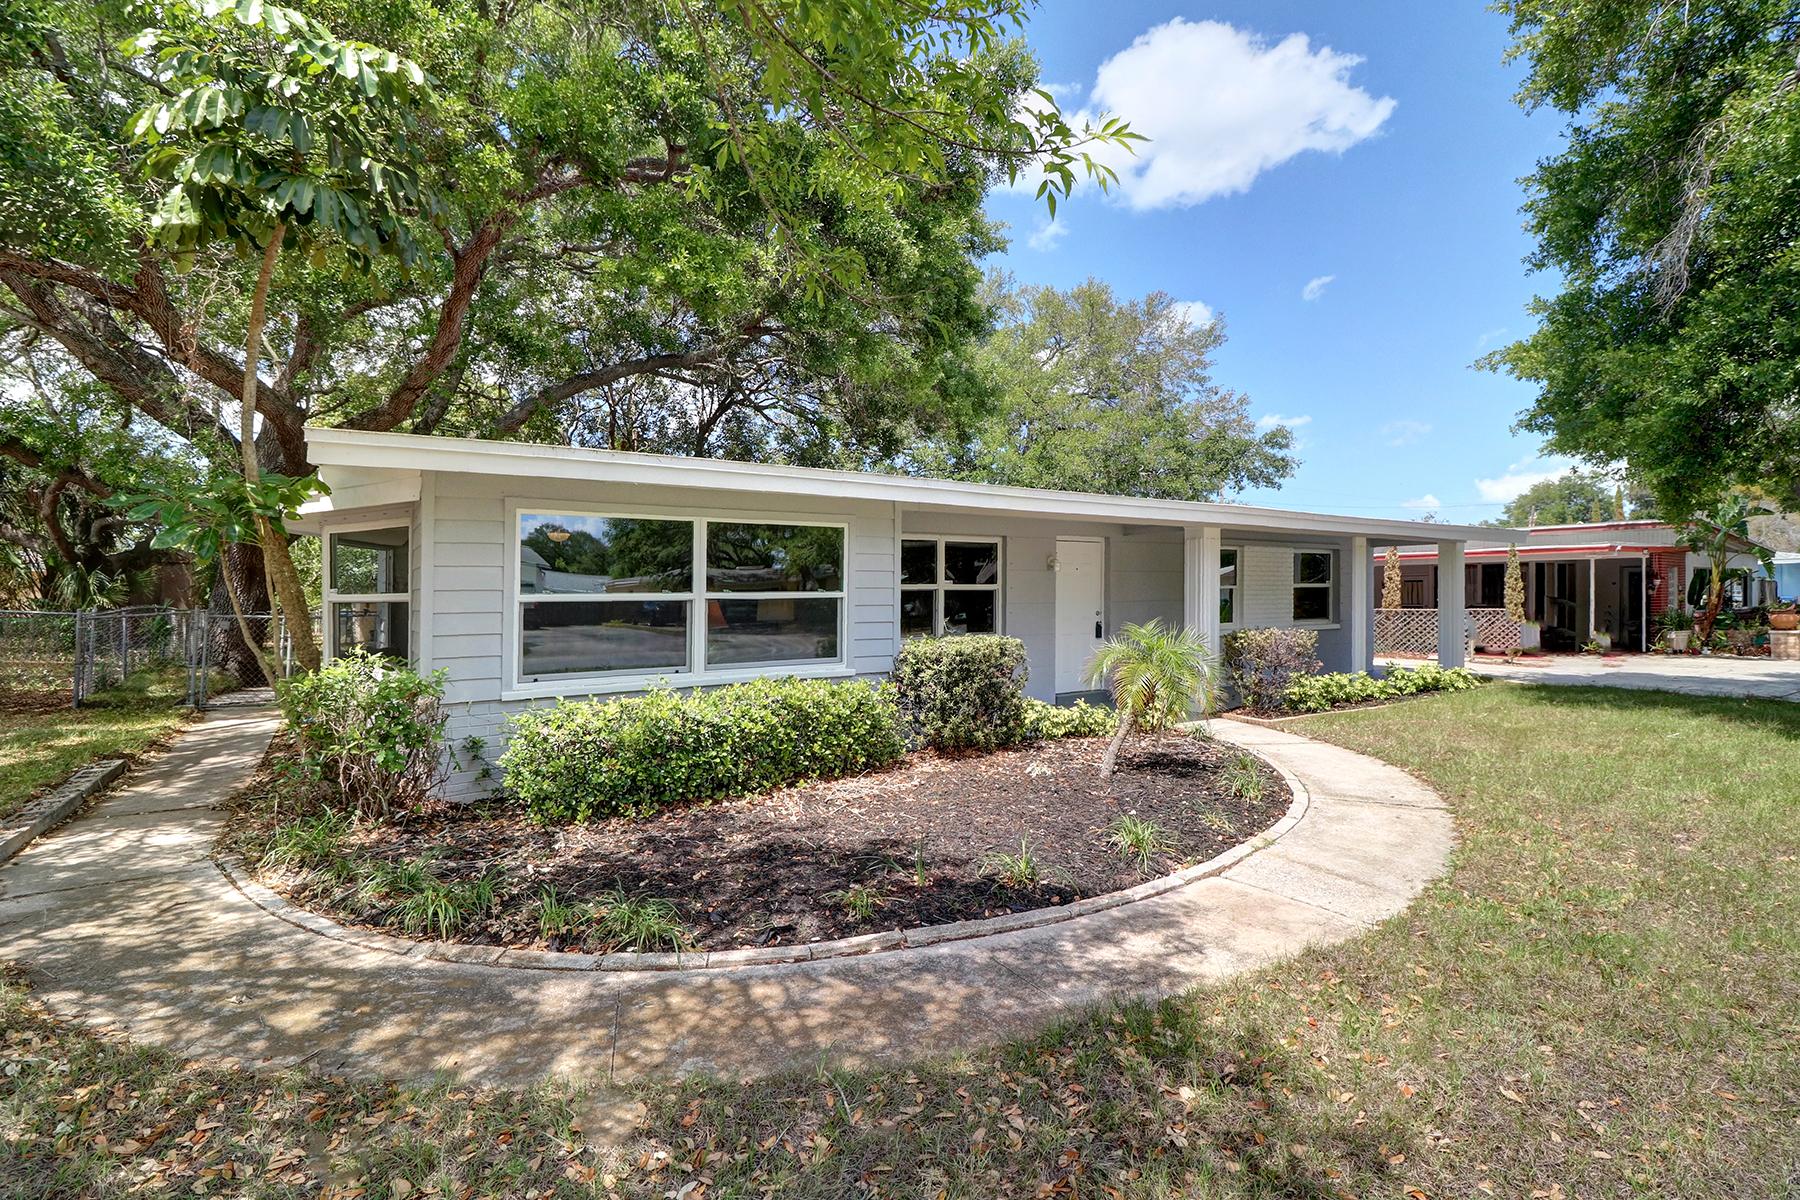 Maison unifamiliale pour l Vente à LARGO 1132 Nolan Dr Largo, Florida, 33770 États-Unis